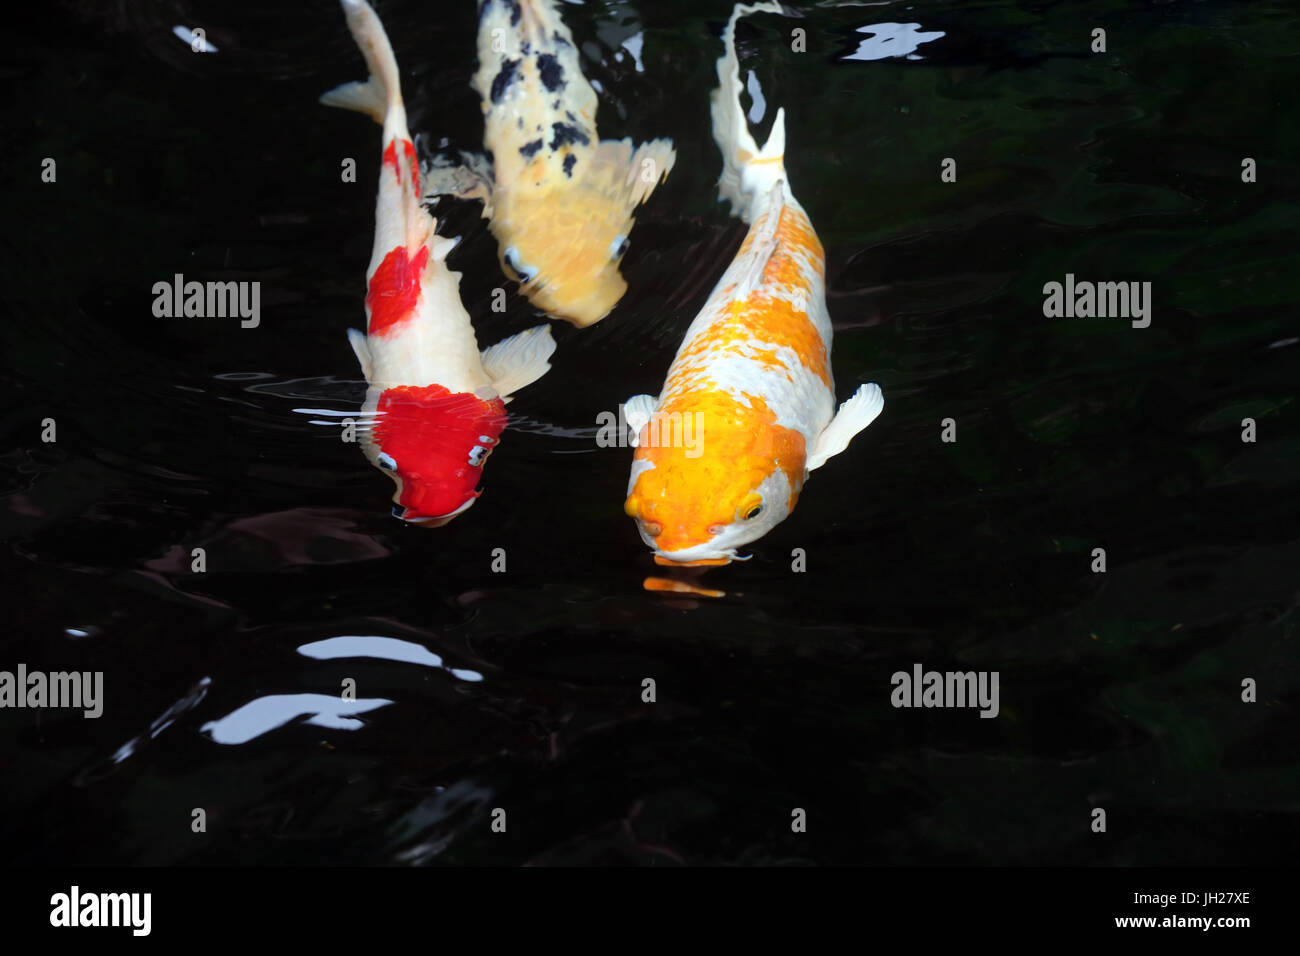 Rojo los peces en el agua. Singapur. Imagen De Stock